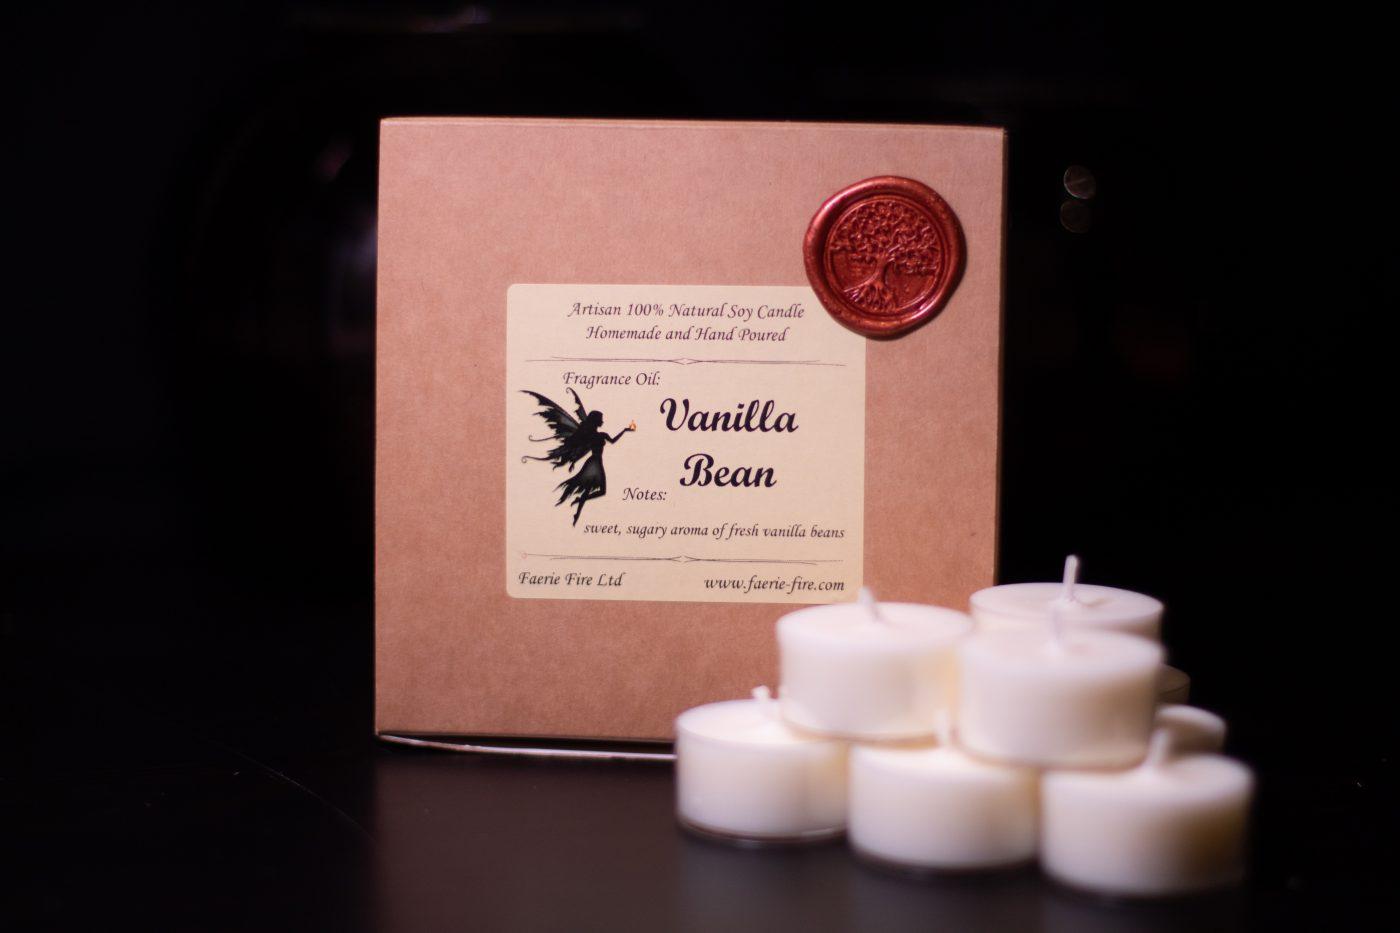 Vanilla Bean Soy Wax Tealights scaled